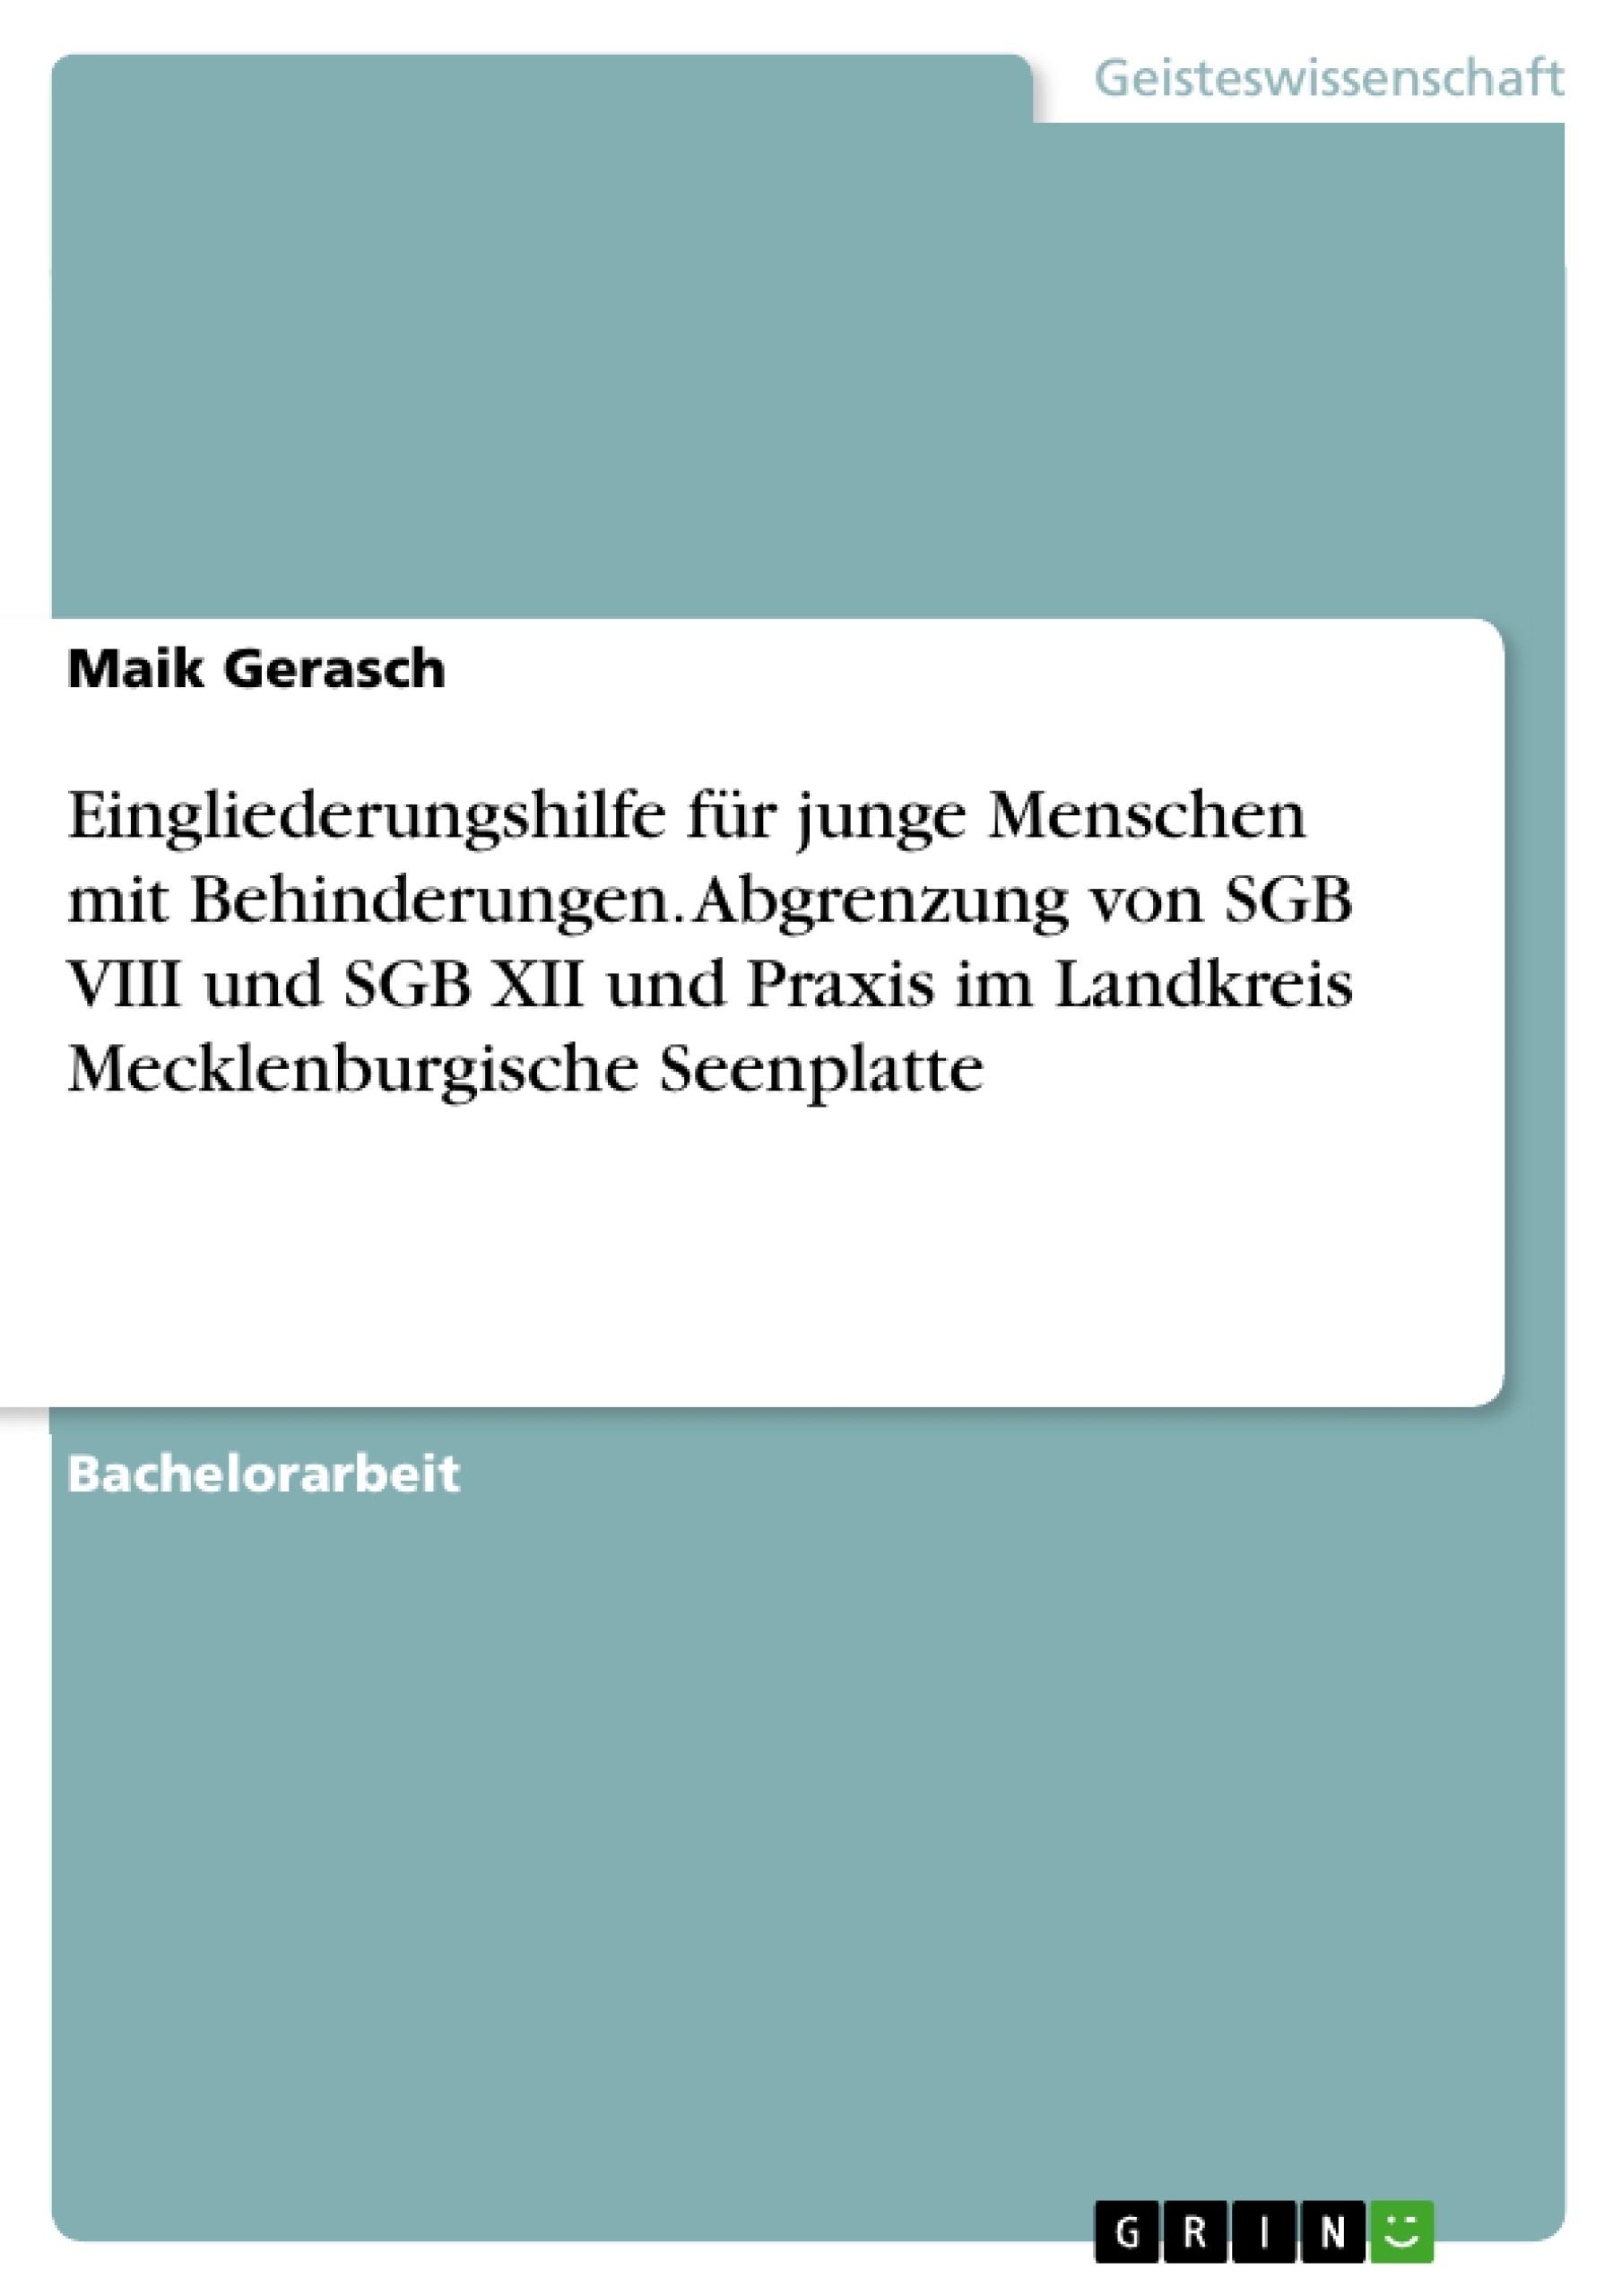 Titel: Eingliederungshilfe für junge Menschen mit Behinderungen. Abgrenzung von SGB VIII und SGB XII und Praxis im Landkreis Mecklenburgische Seenplatte